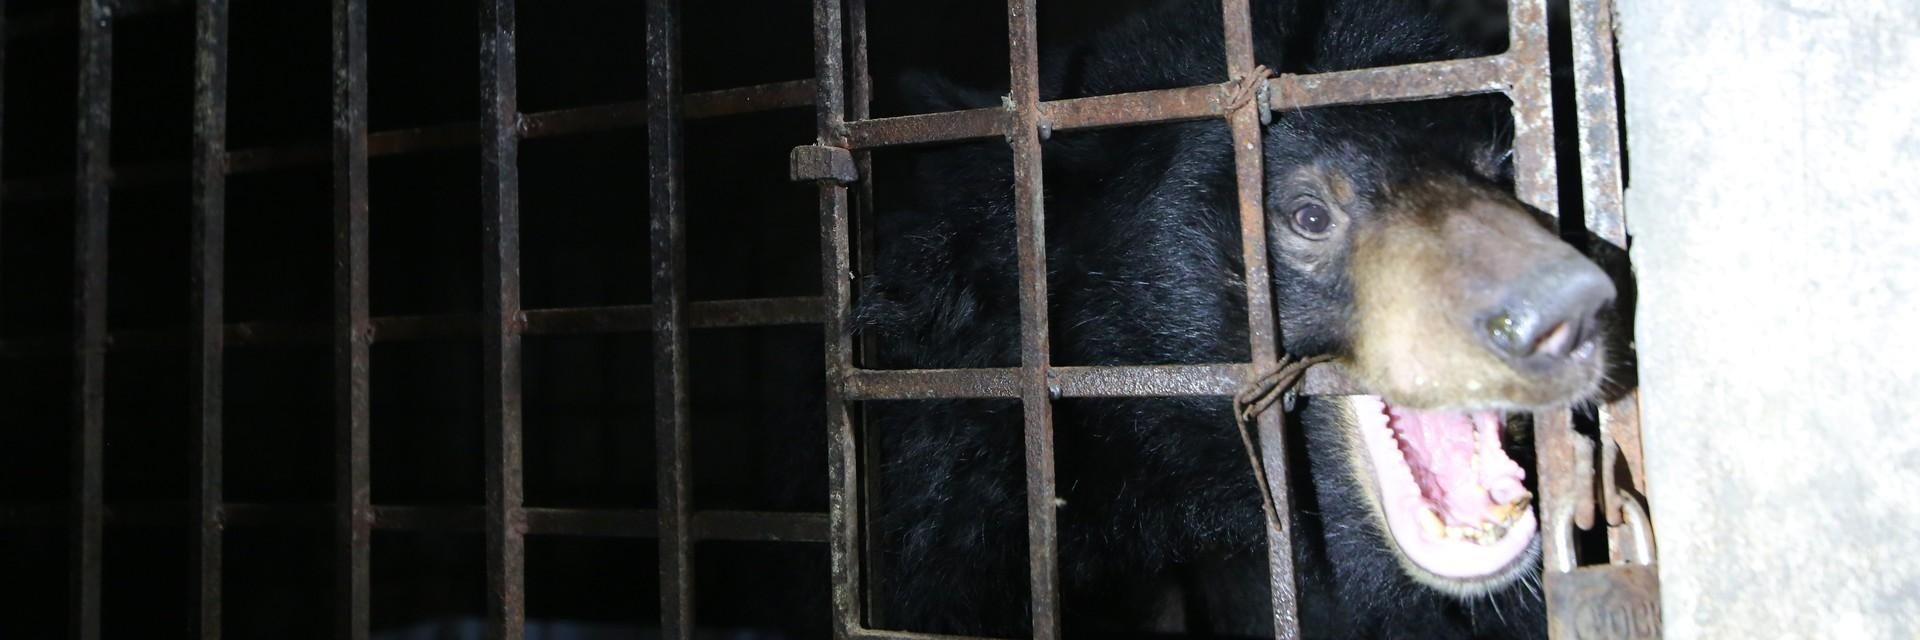 Gallebär im Käfig